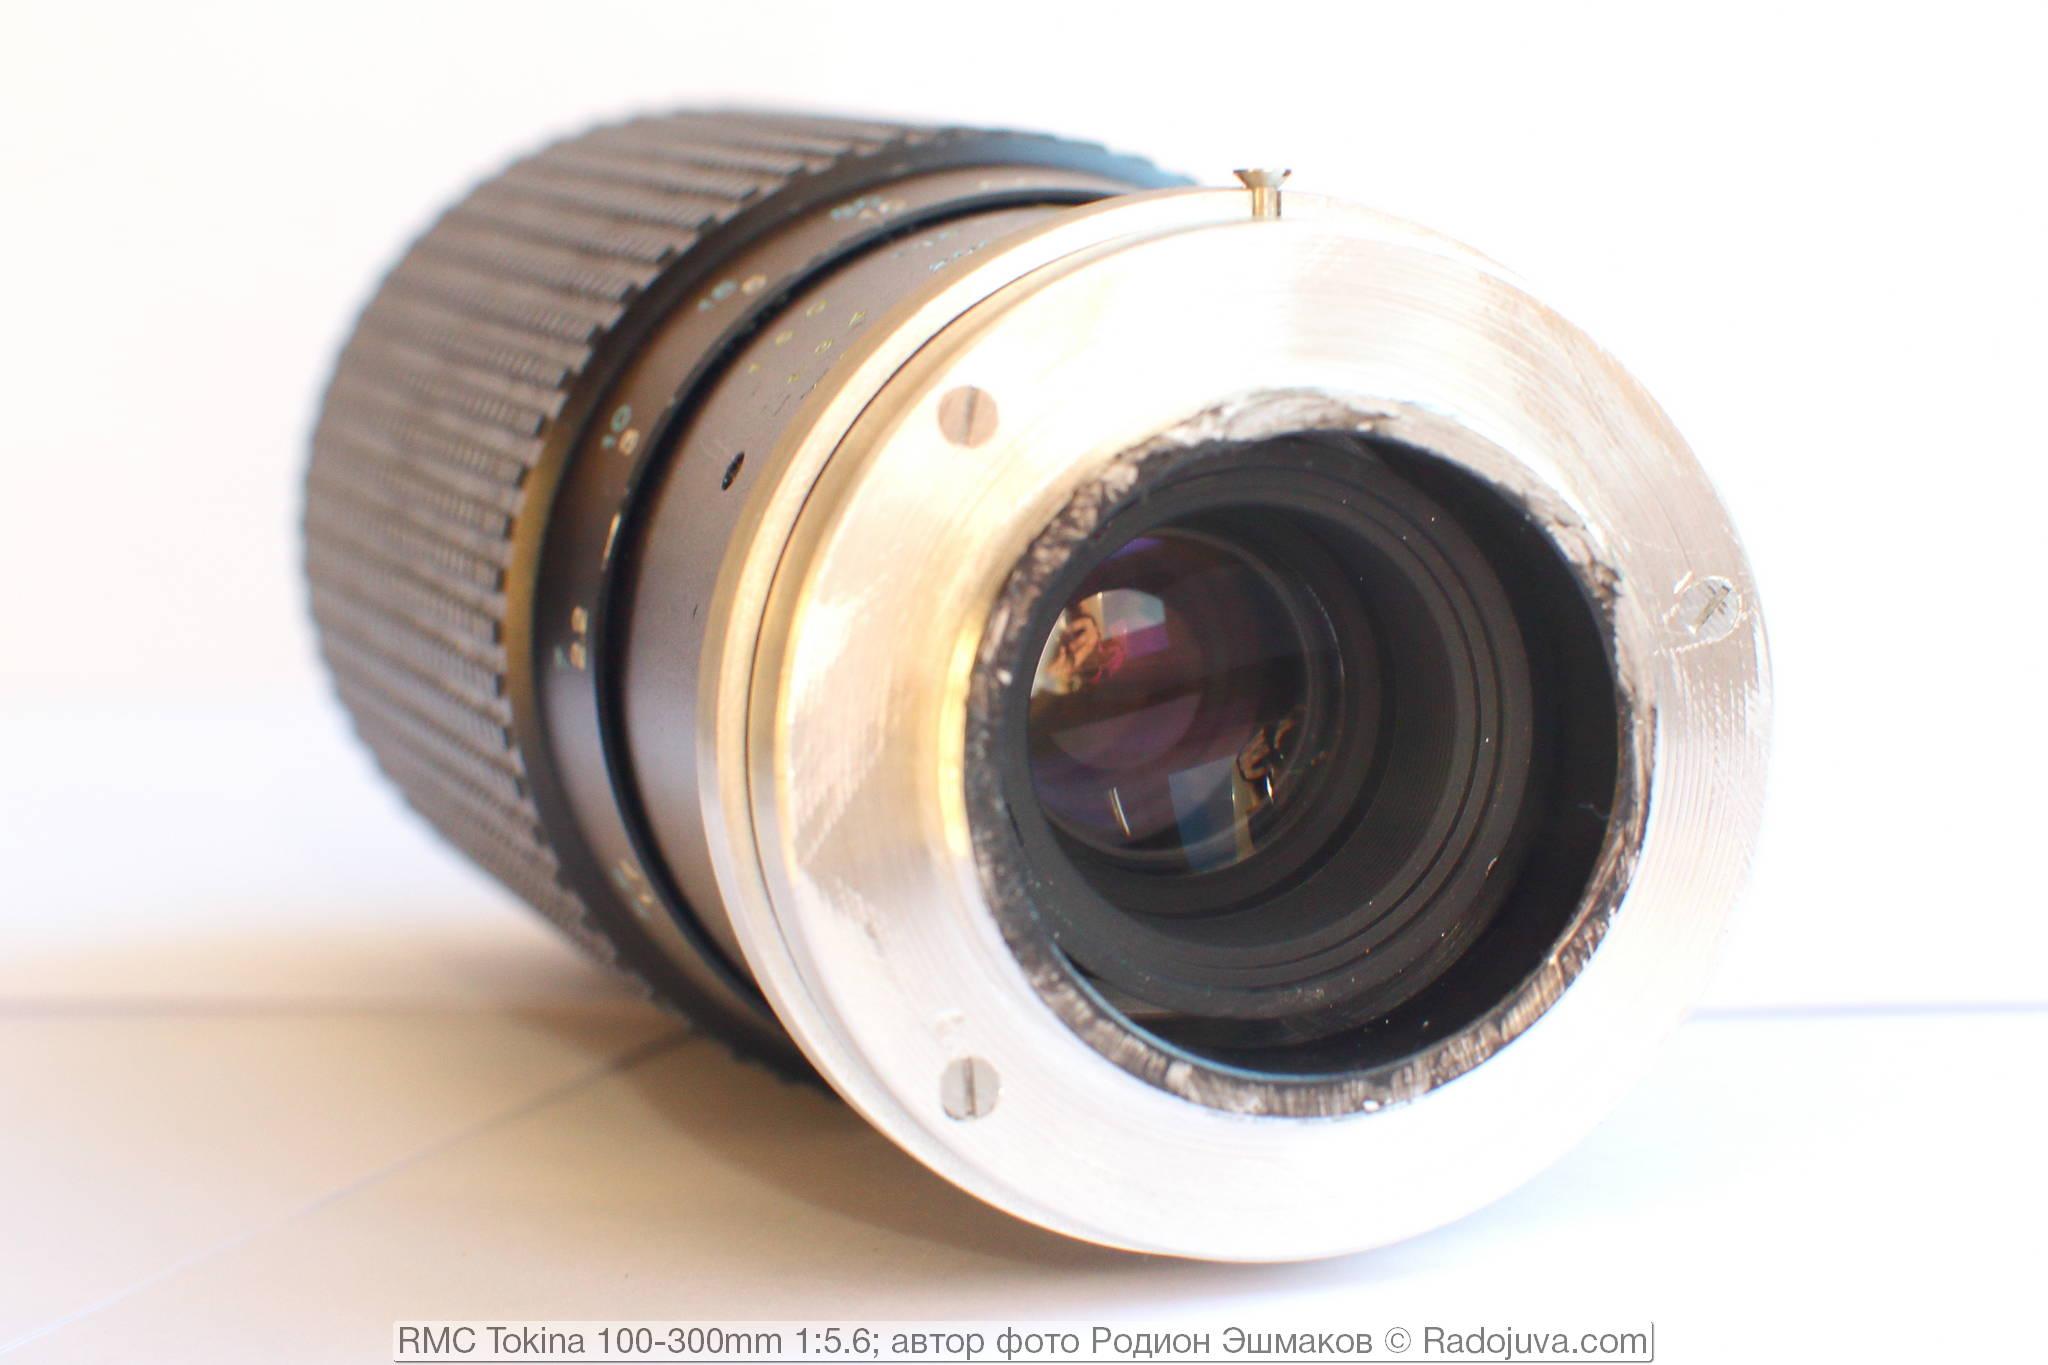 Дюралюминиевый задник переделанного объектива с резьбой М42